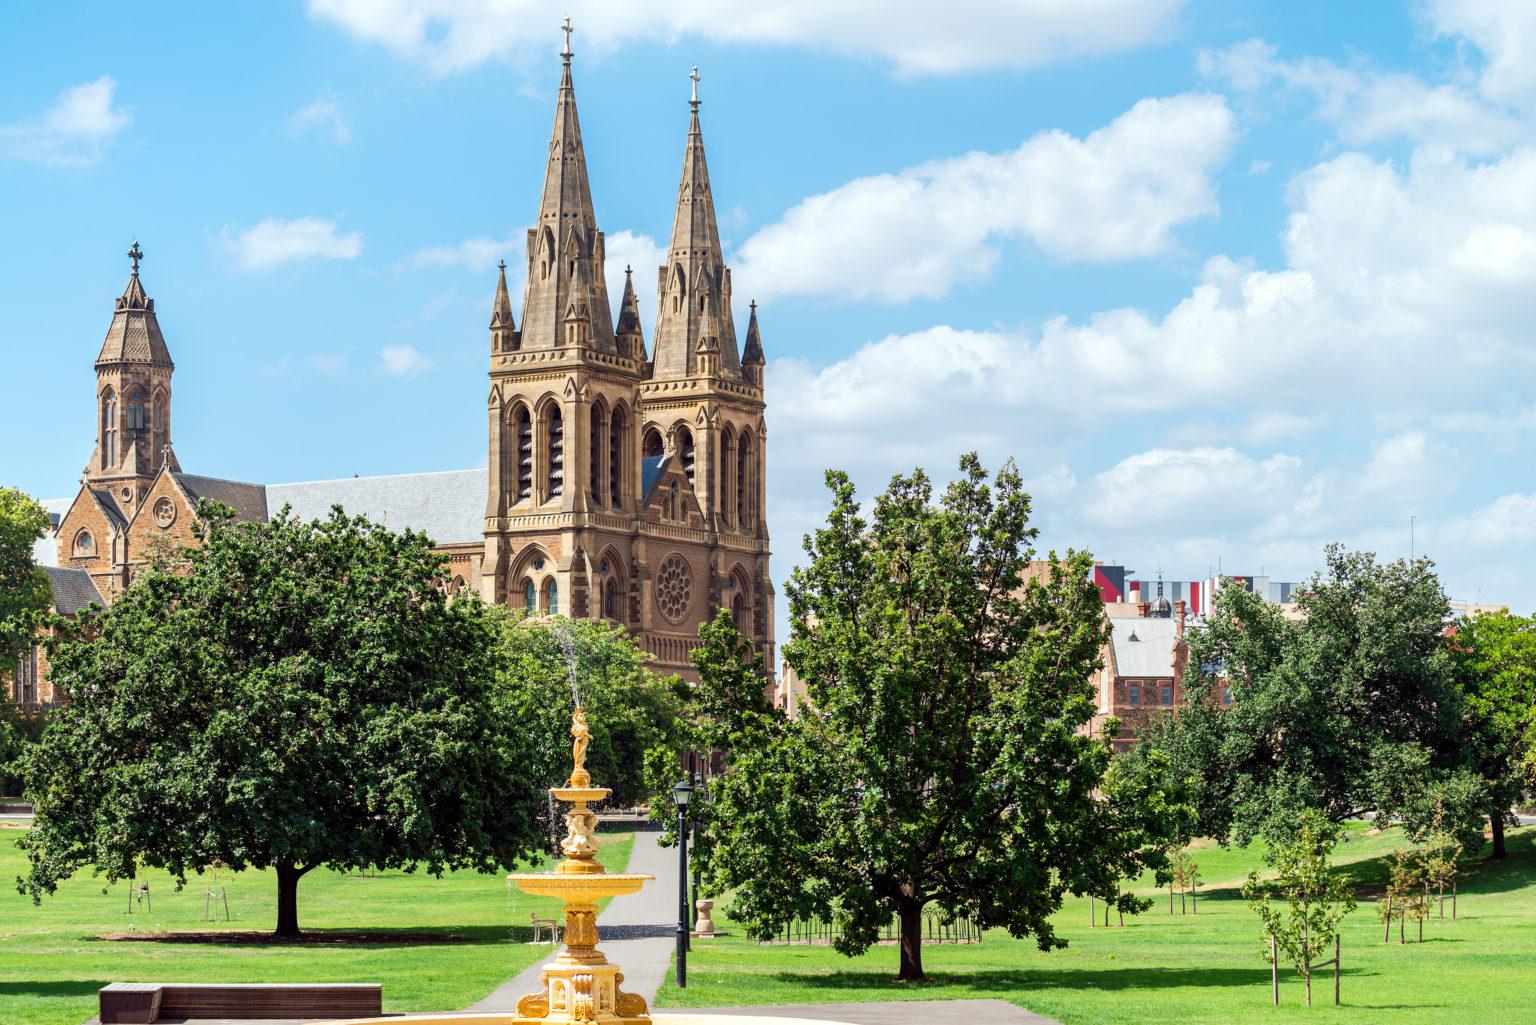 Walking tour in Adelaide